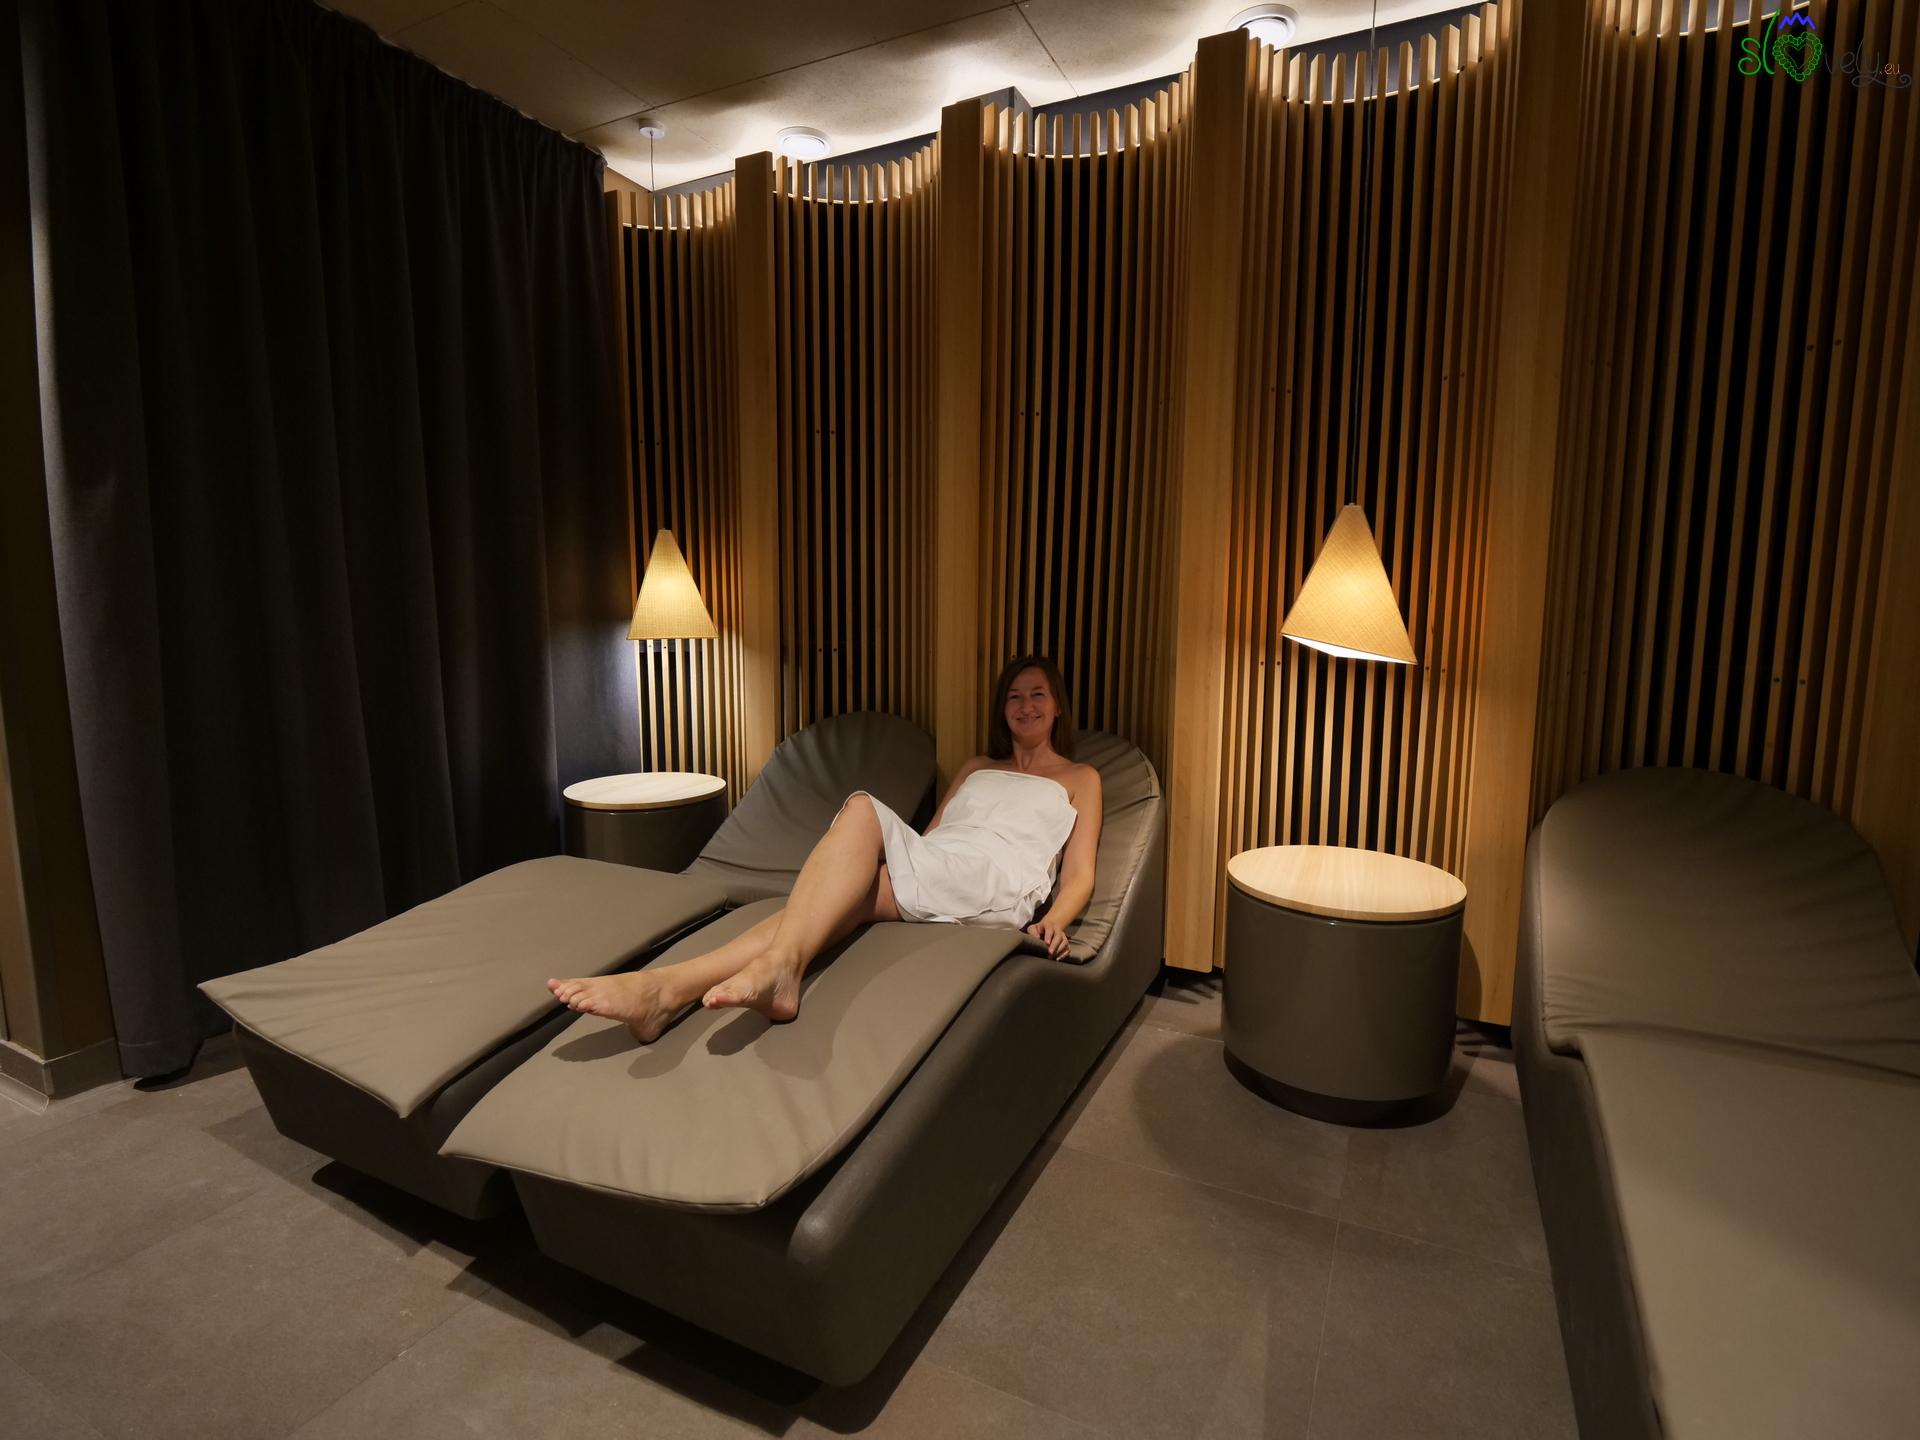 L'area relax delle saune Ajda.